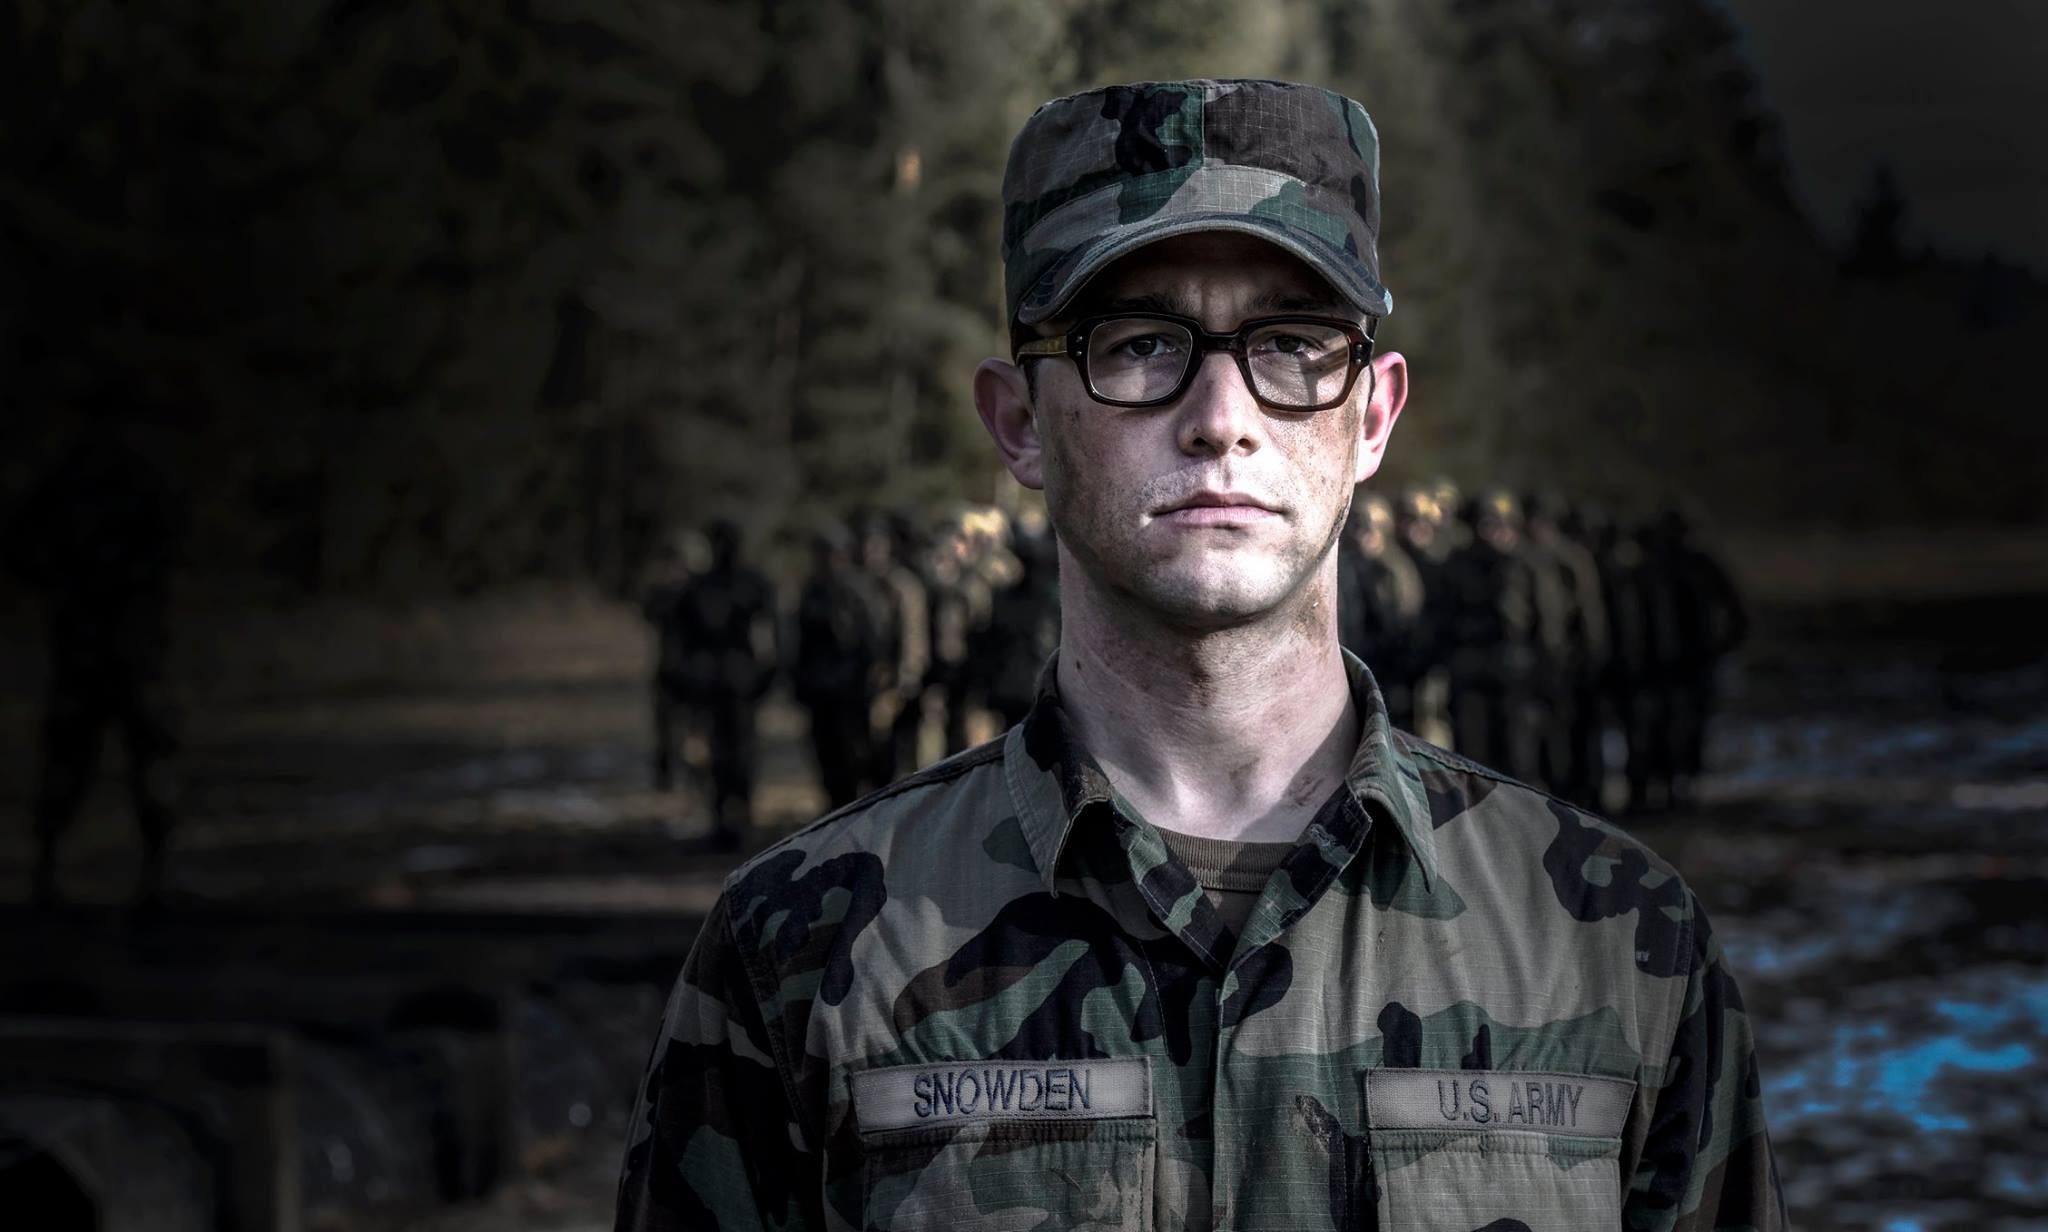 Edward Snowden emerges as a film star